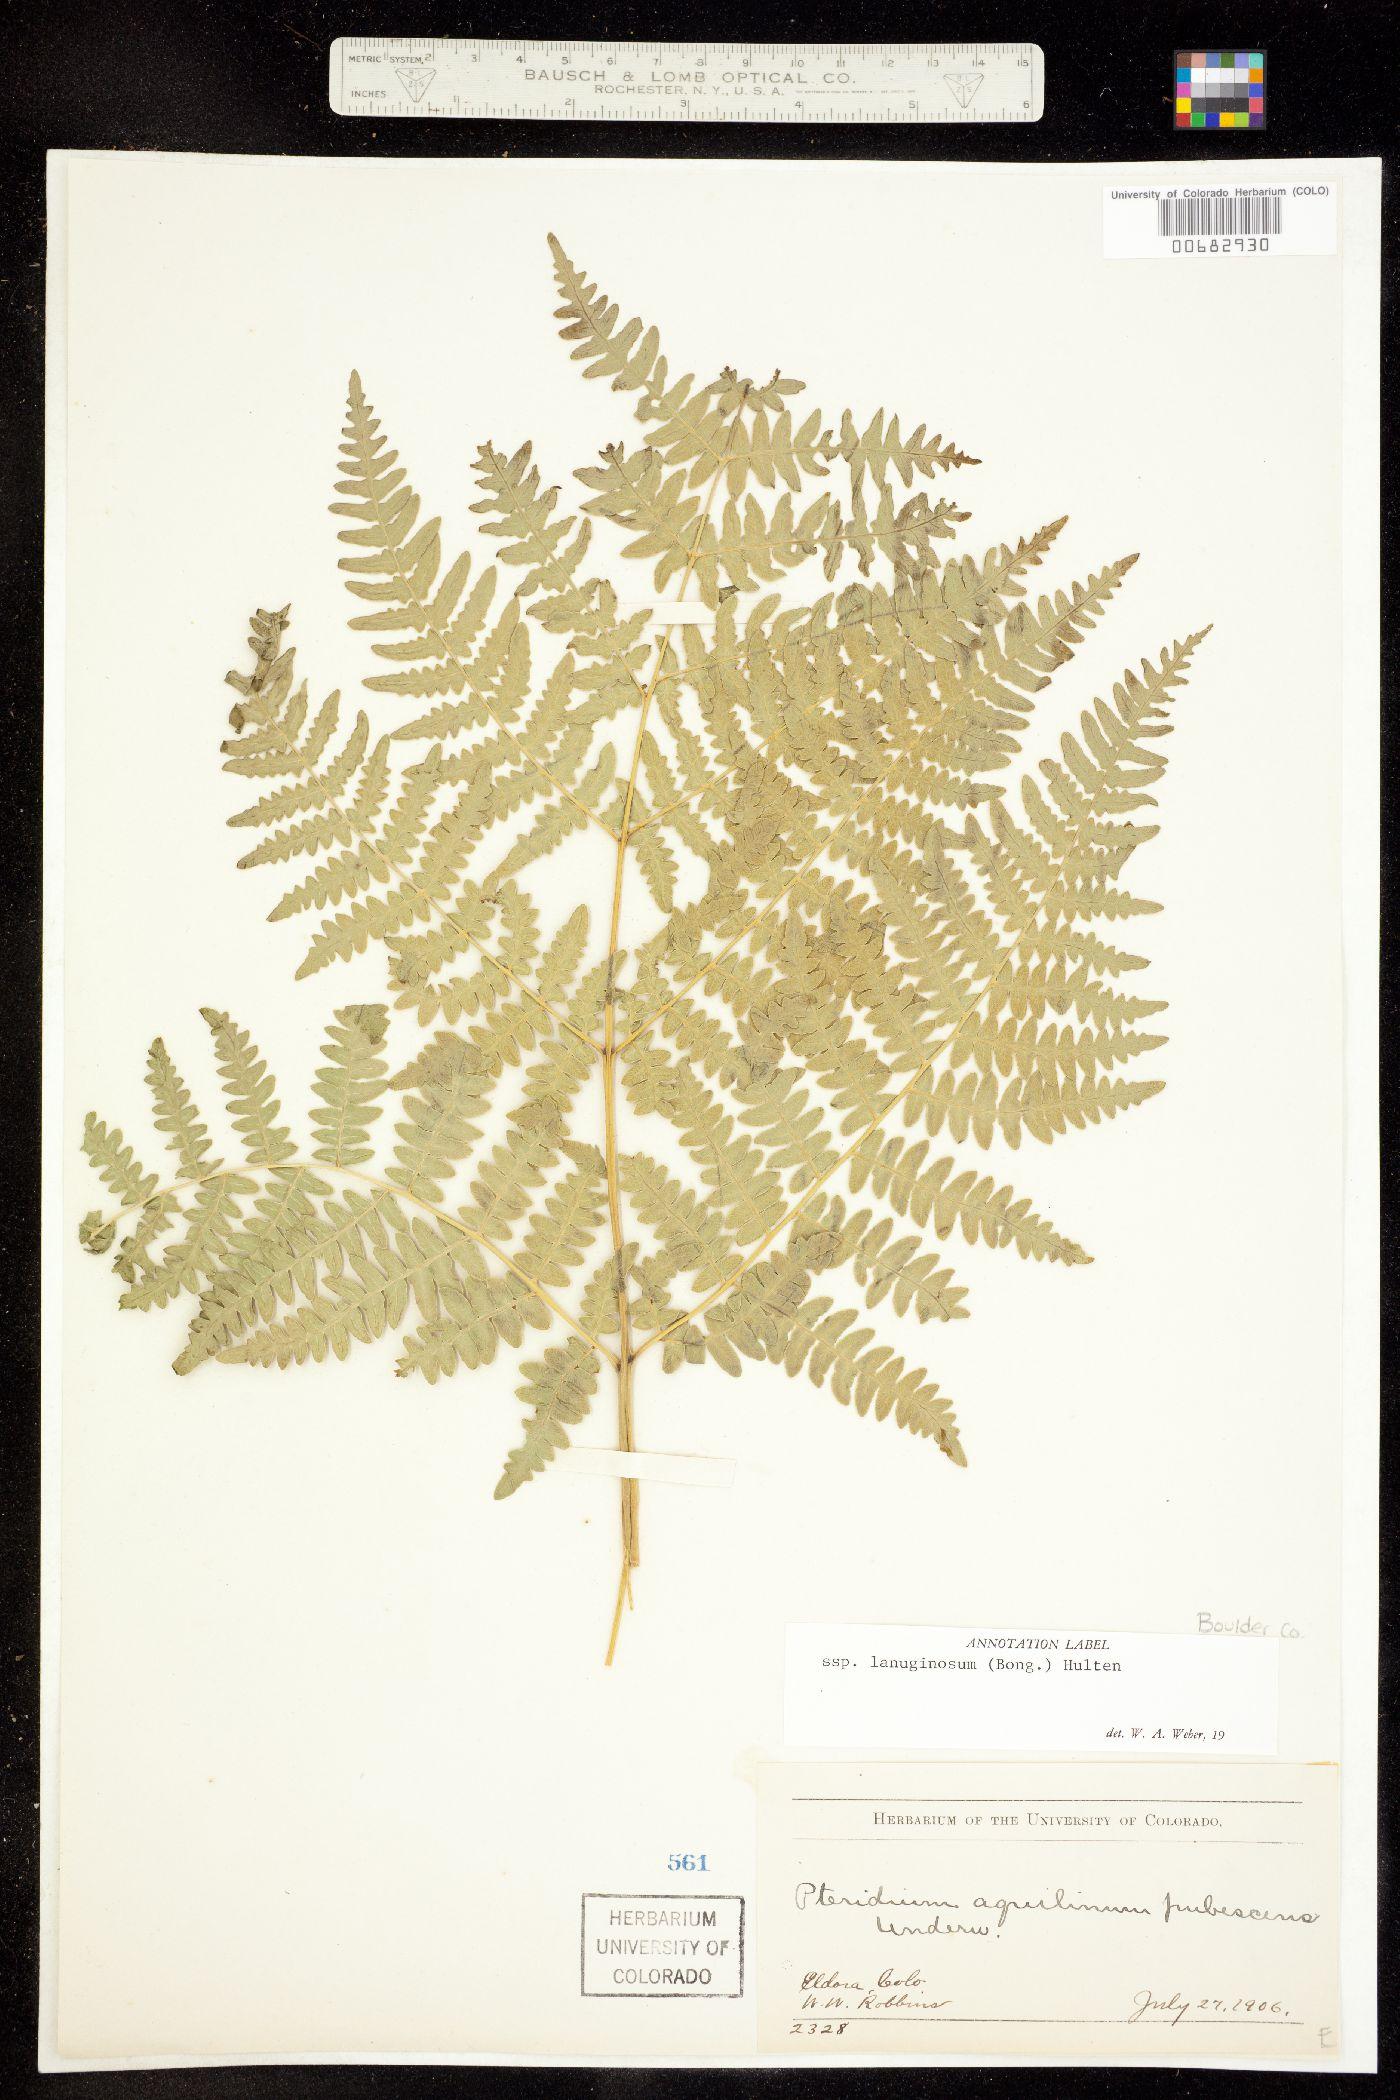 Pteridium aquilinum ssp. lanuginosum image